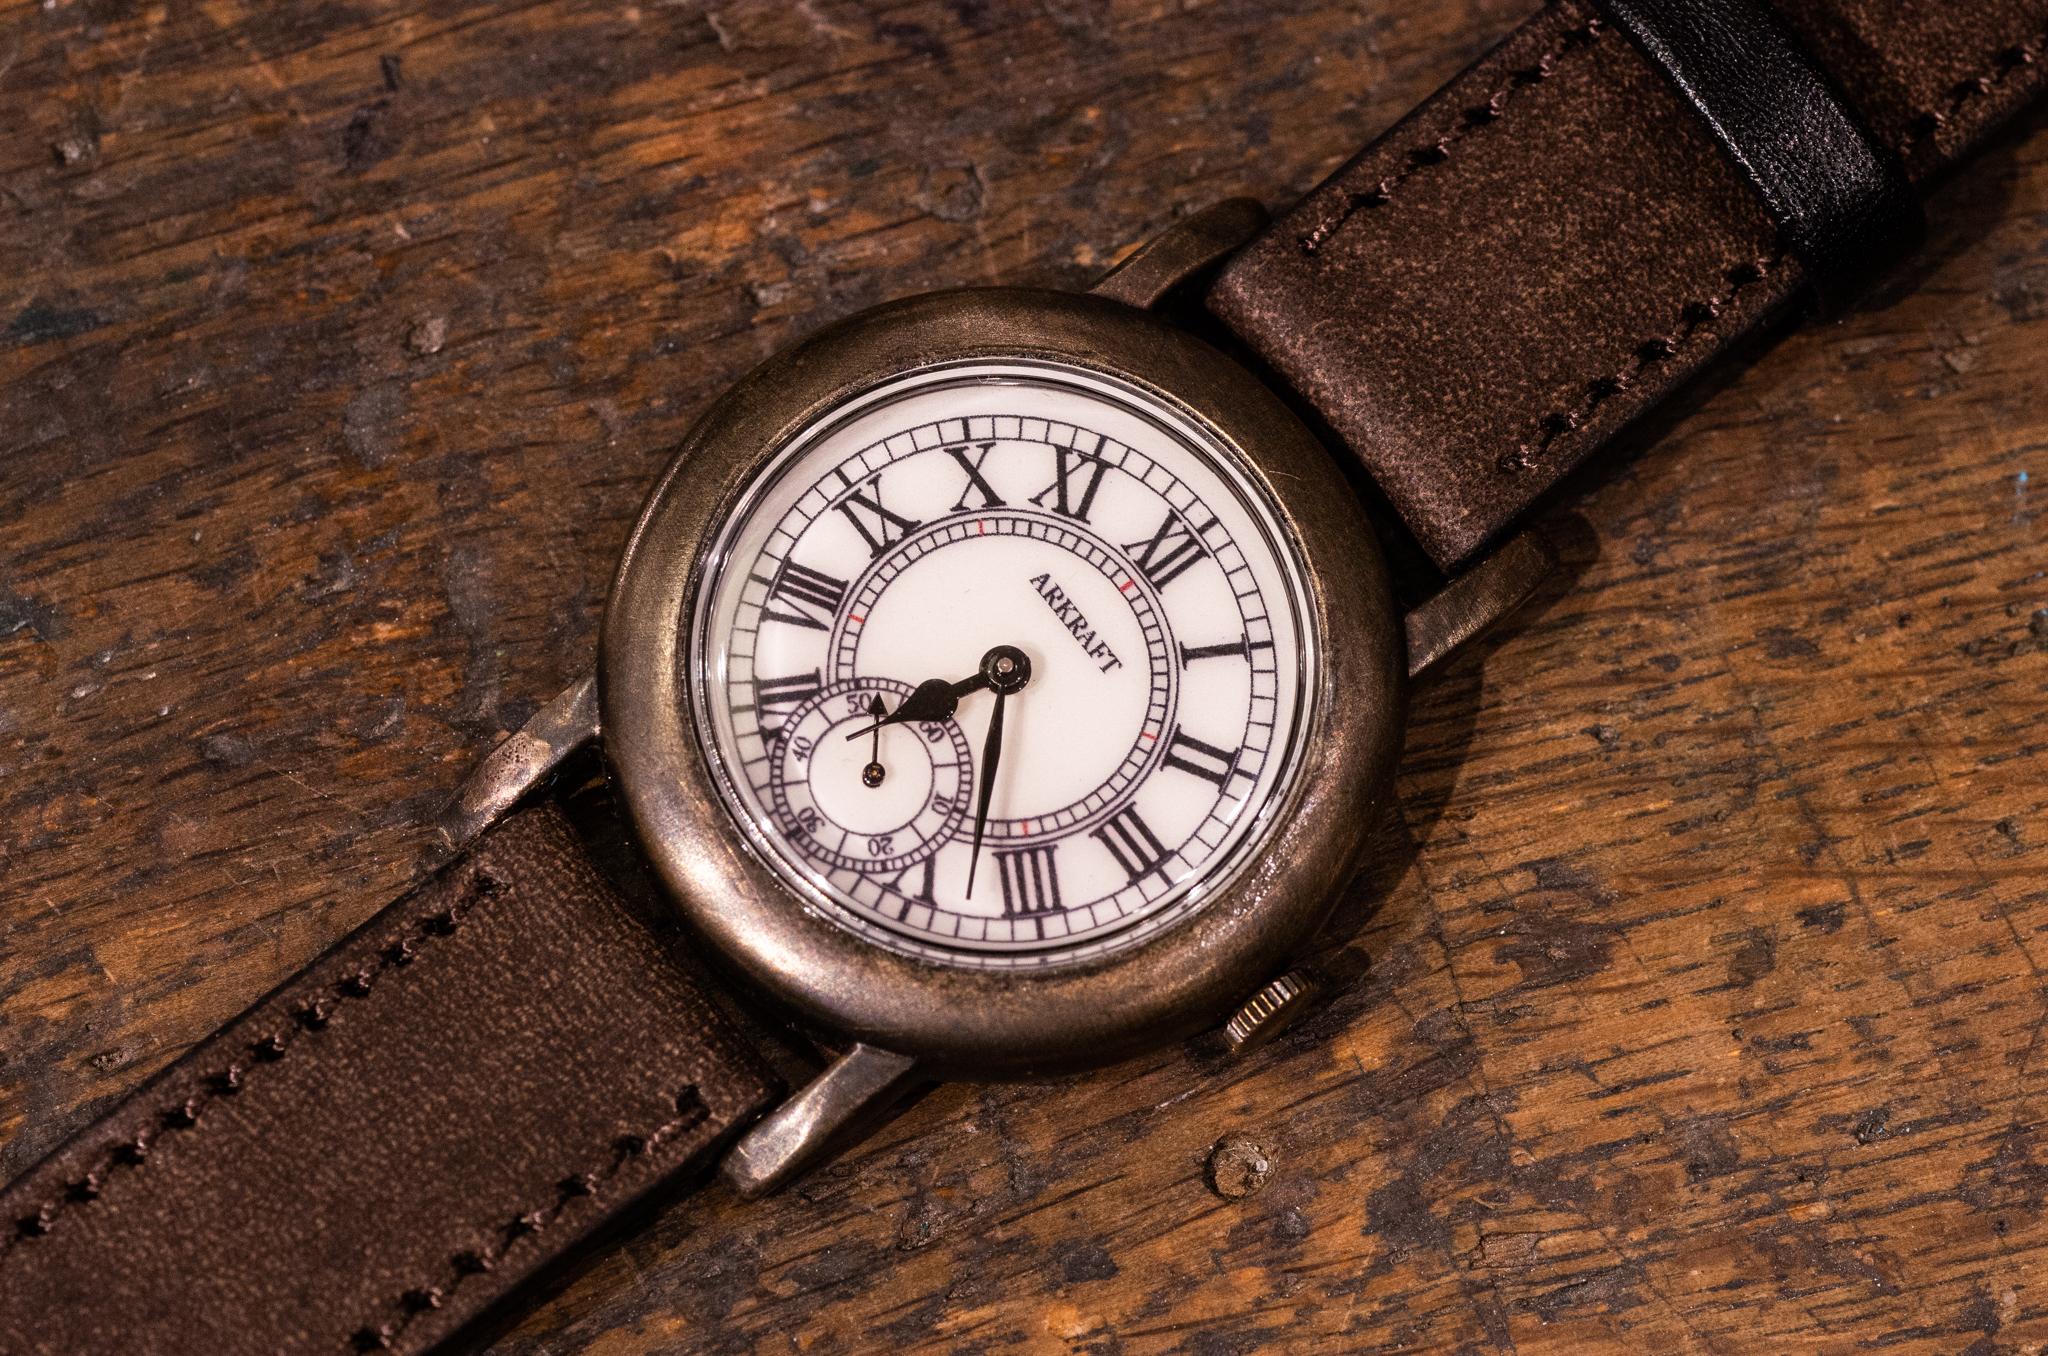 クラシカルな雰囲気のローマ数字の腕時計(Otis SS/店頭在庫品)